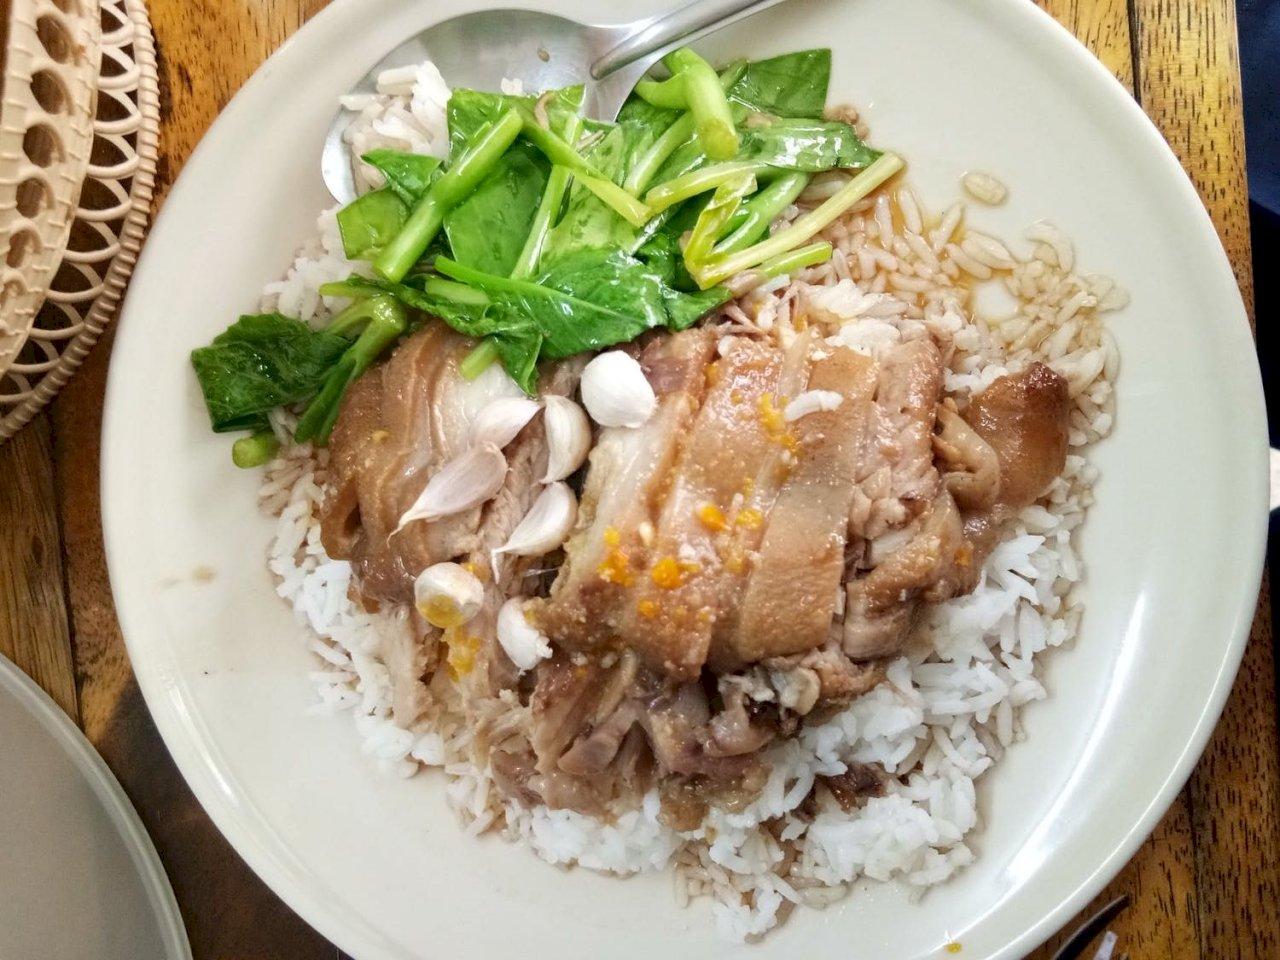 海南雞飯是海南菜? 林鄭月娥引發飲食文化論戰